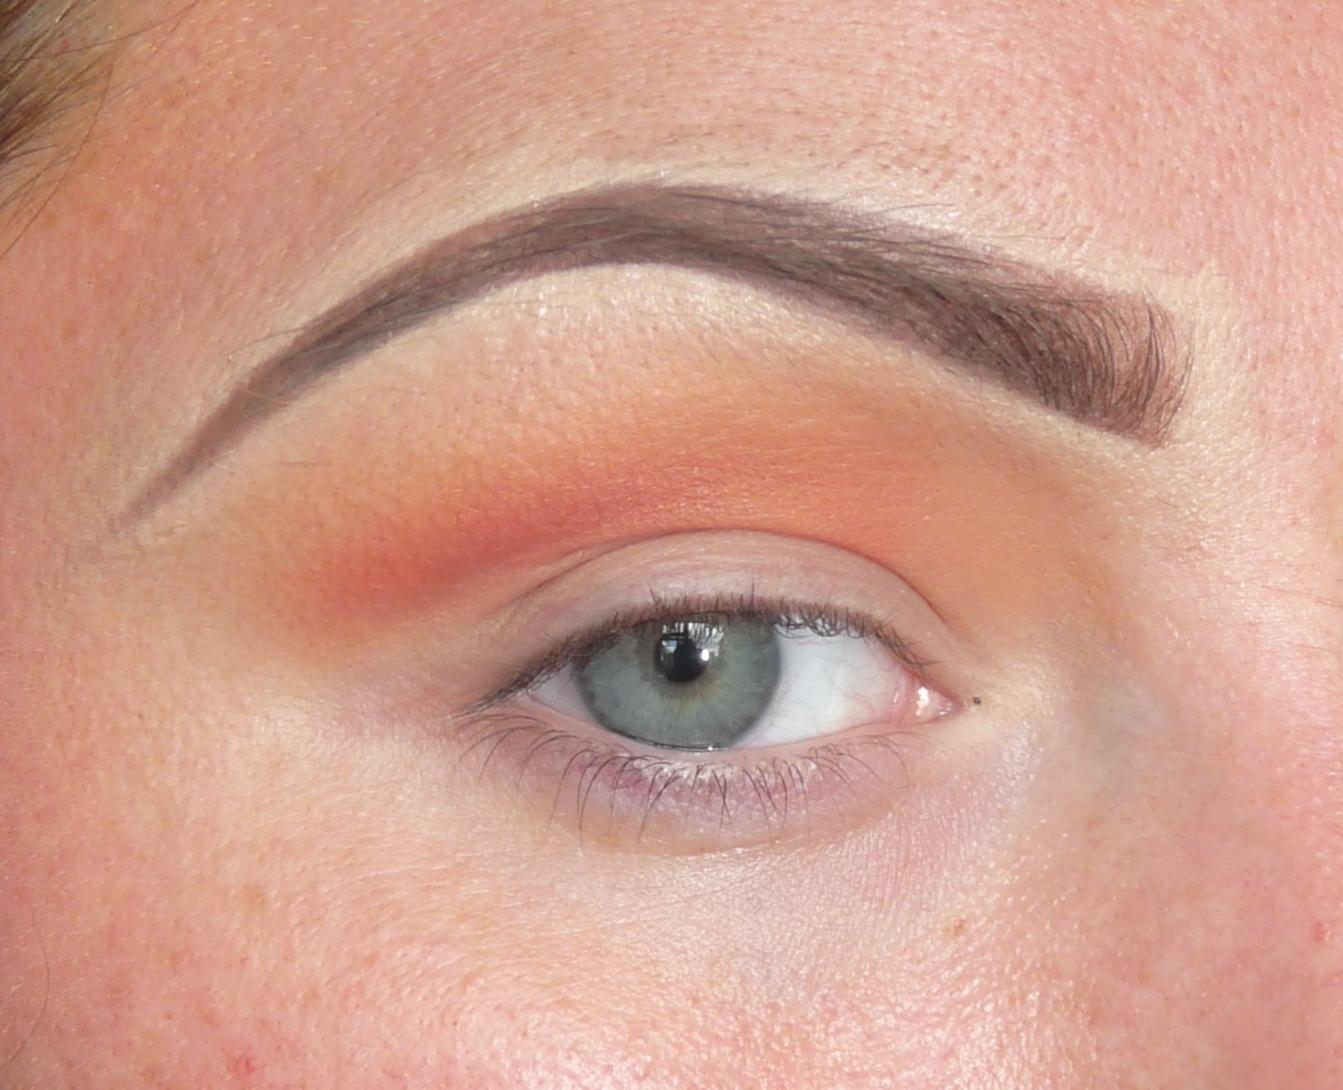 White cyst on inside eyelid